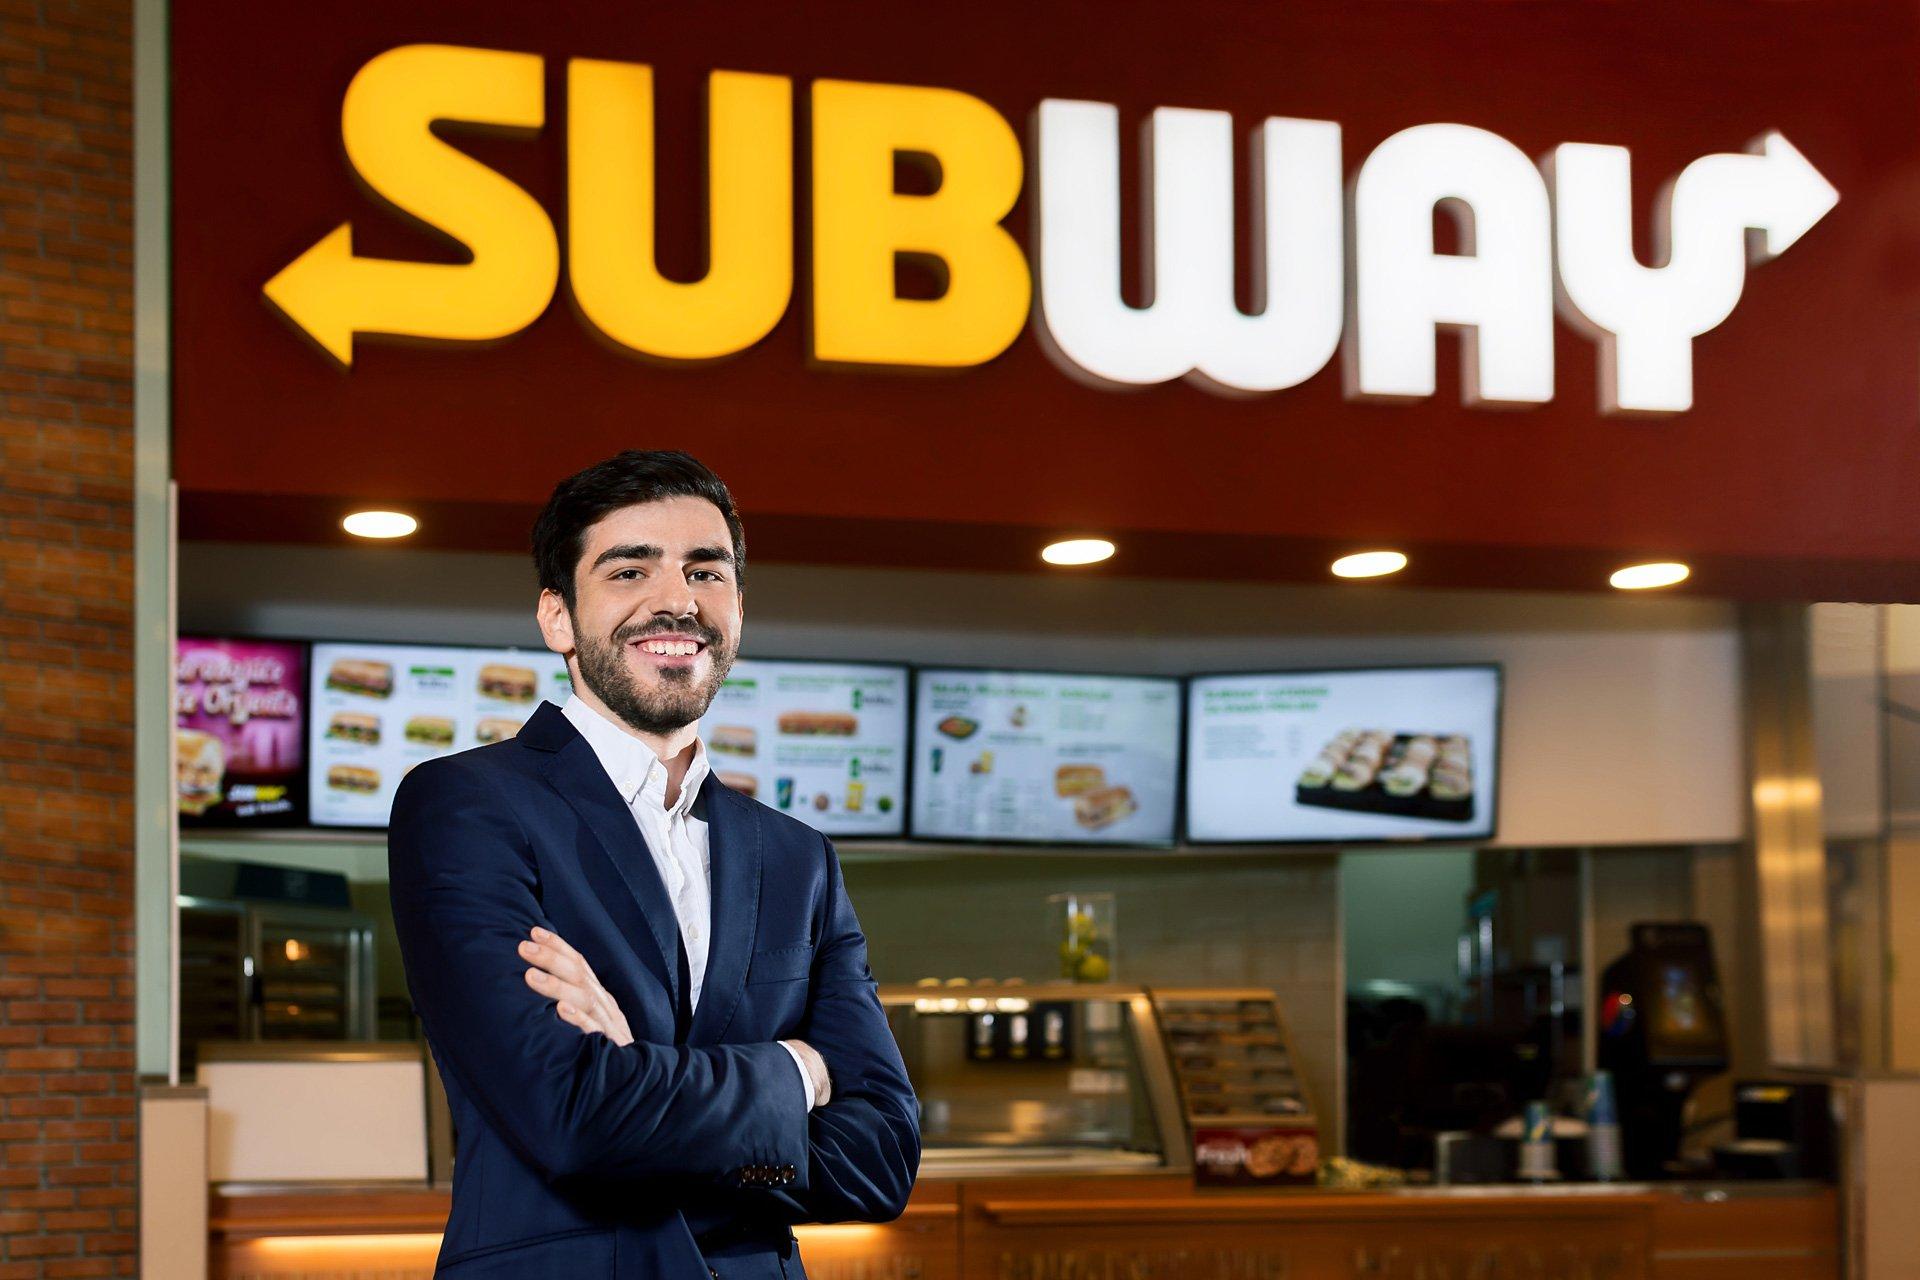 Vladimir Hanula, Subway development agent za Hrvatsku i prvi franšizni partner Subwaya u Hrvatskoj